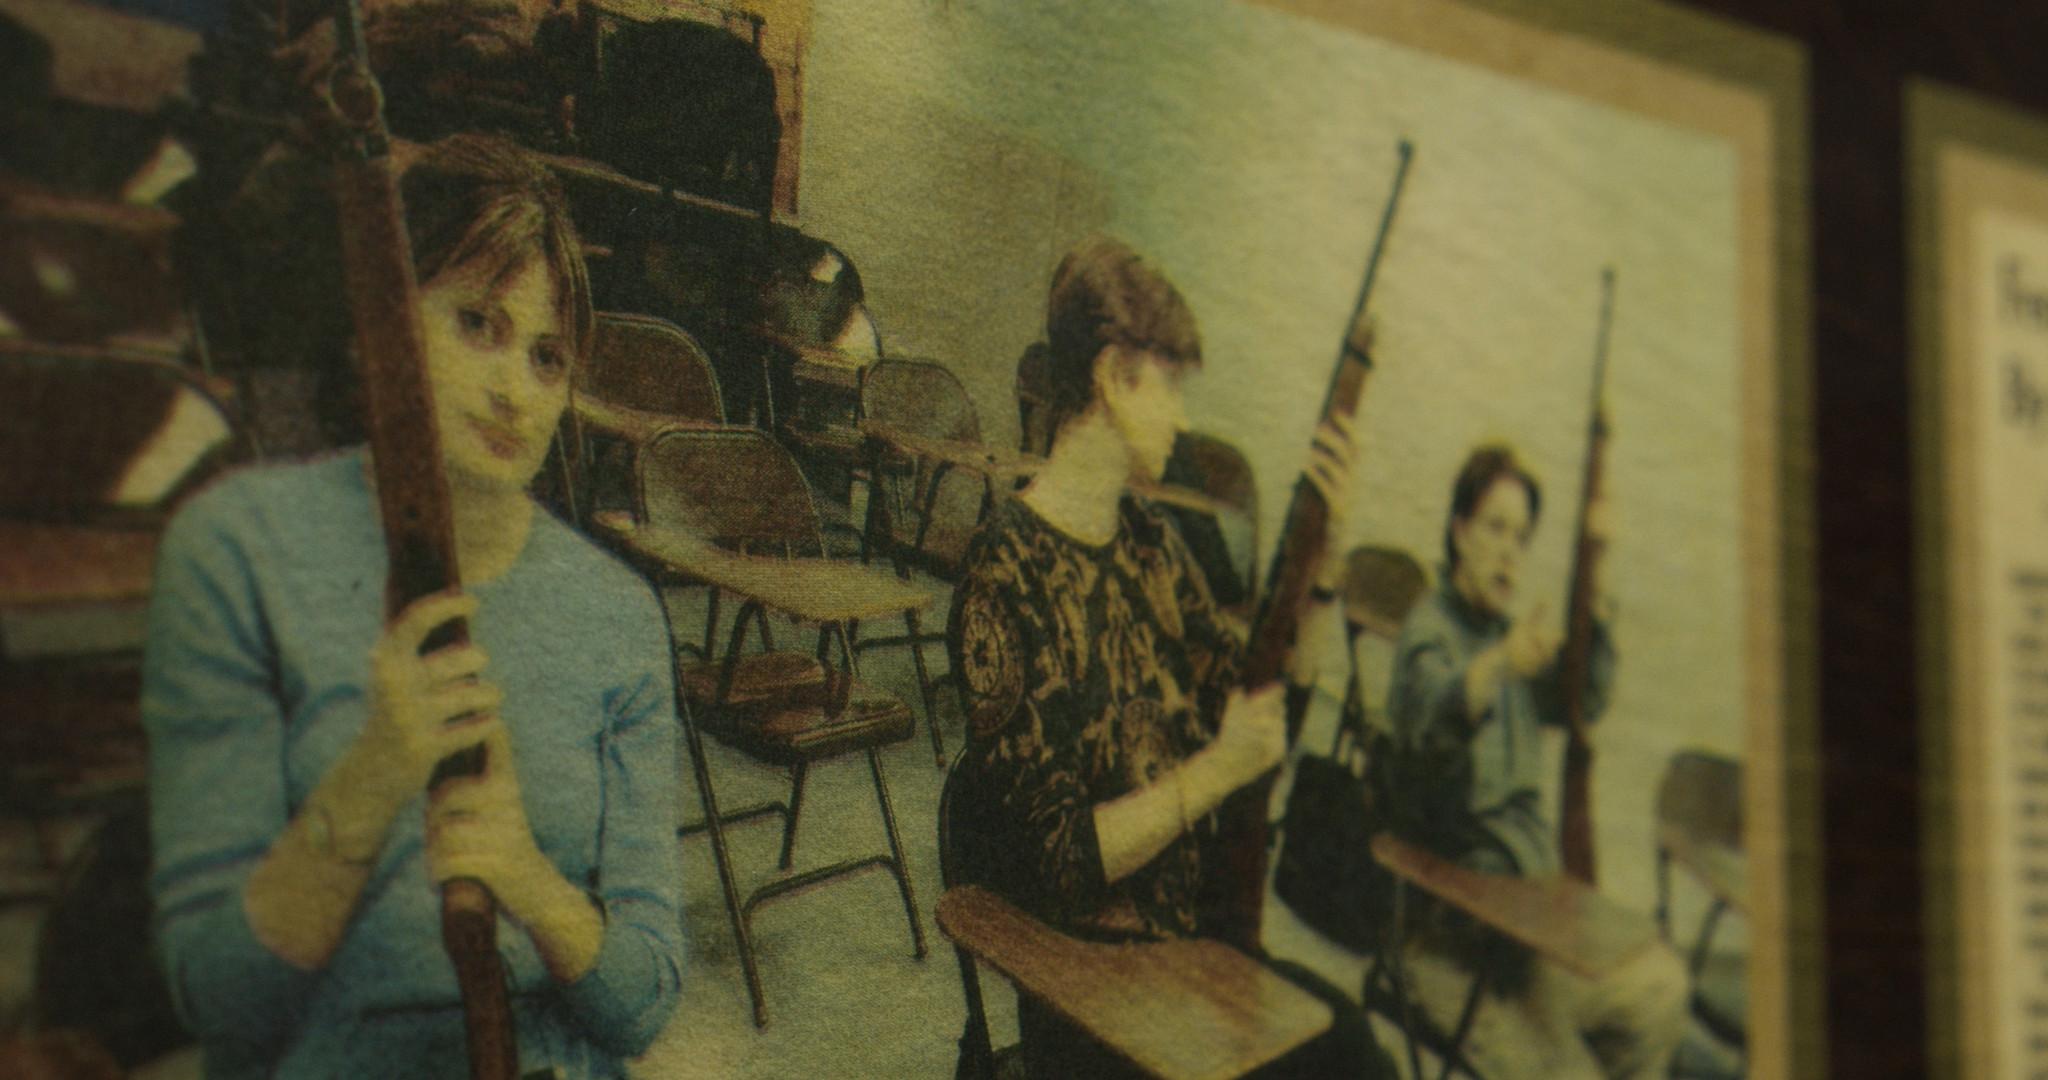 Women with firearms in newspaper.jpg